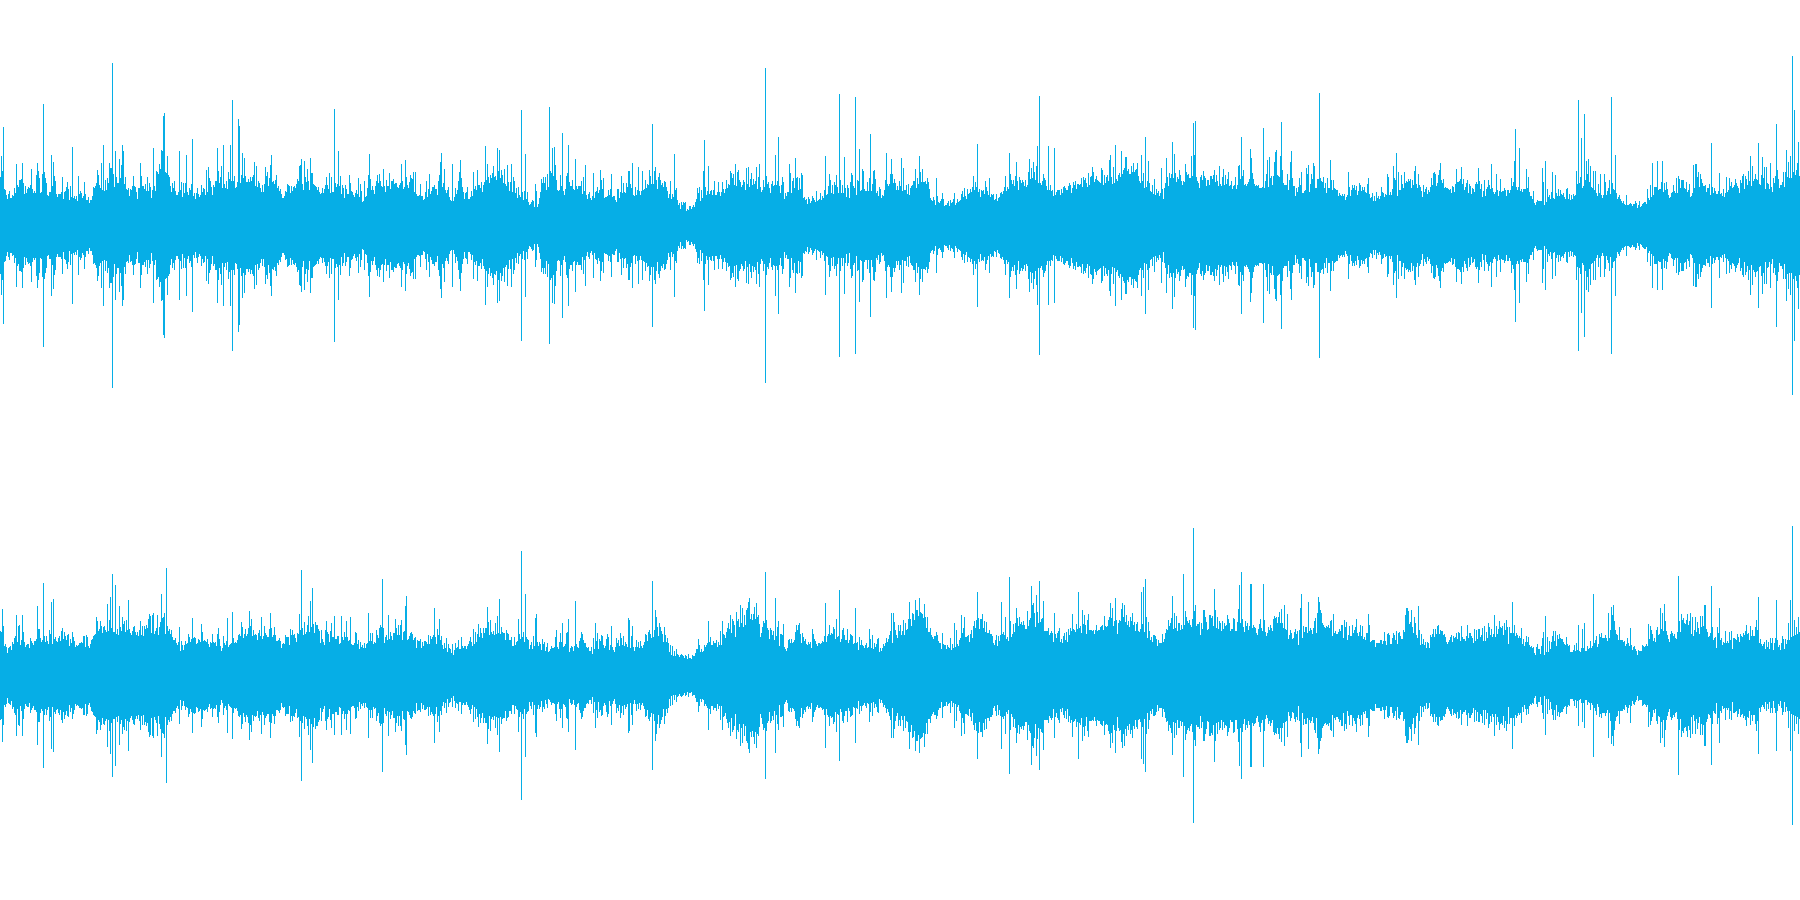 ダイナミックな海鳴り(?!)の再生済みの波形